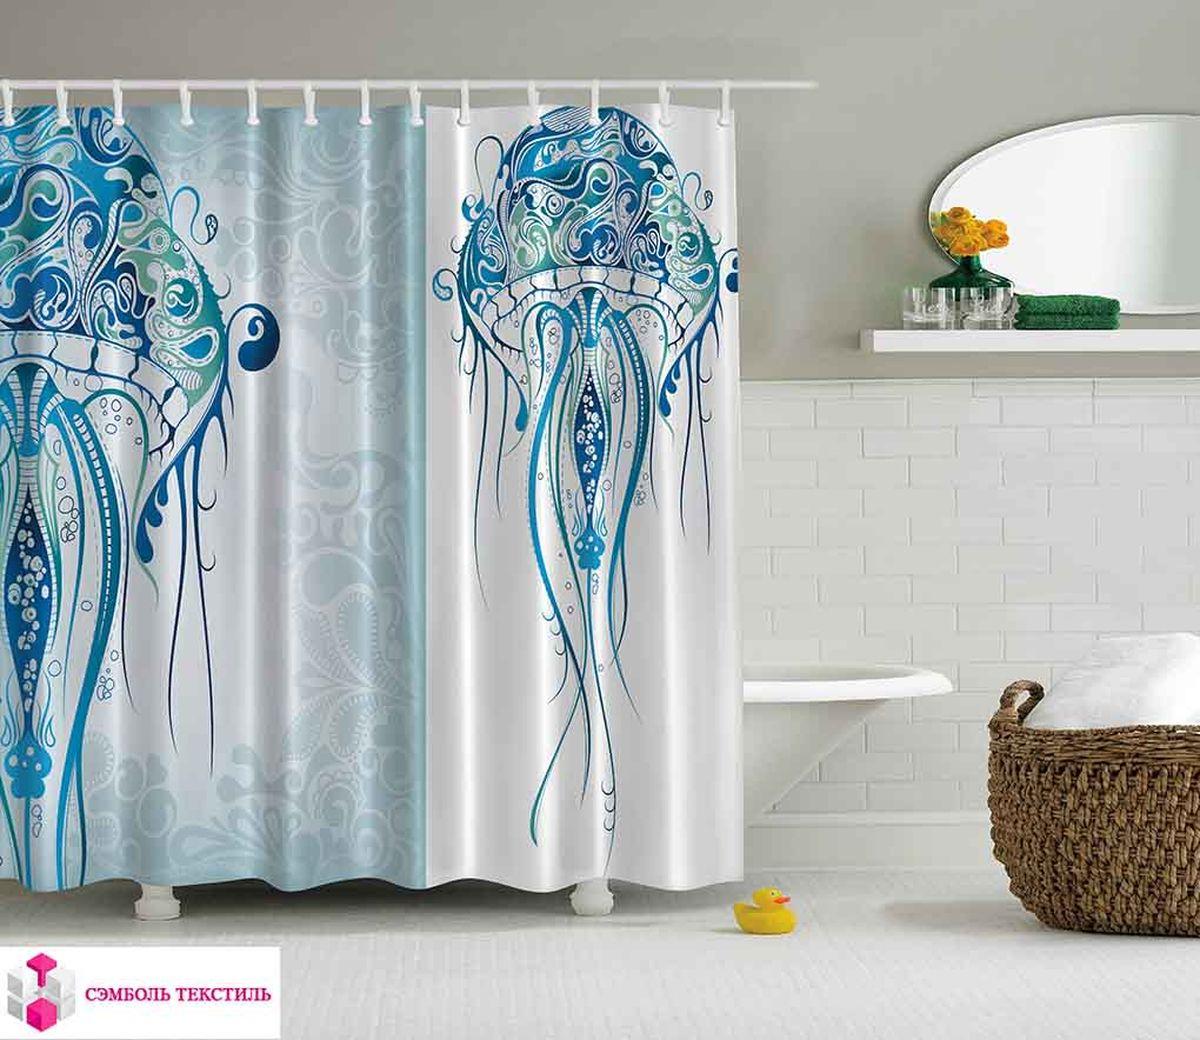 Штора для ванной комнаты Magic Lady Огромная медуза с узорами, 180 х 200 см96515412Штора Magic Lady Огромная медуза с узорами, изготовленная из высококачественного сатена (полиэстер 100%), отлично дополнит любой интерьер ванной комнаты. При изготовлении используются специальные гипоаллергенные чернила для прямой печати по ткани, безопасные для человека.В комплекте: 1 штора, 12 крючков. Обращаем ваше внимание, фактический цвет изделия может незначительно отличаться от представленного на фото.